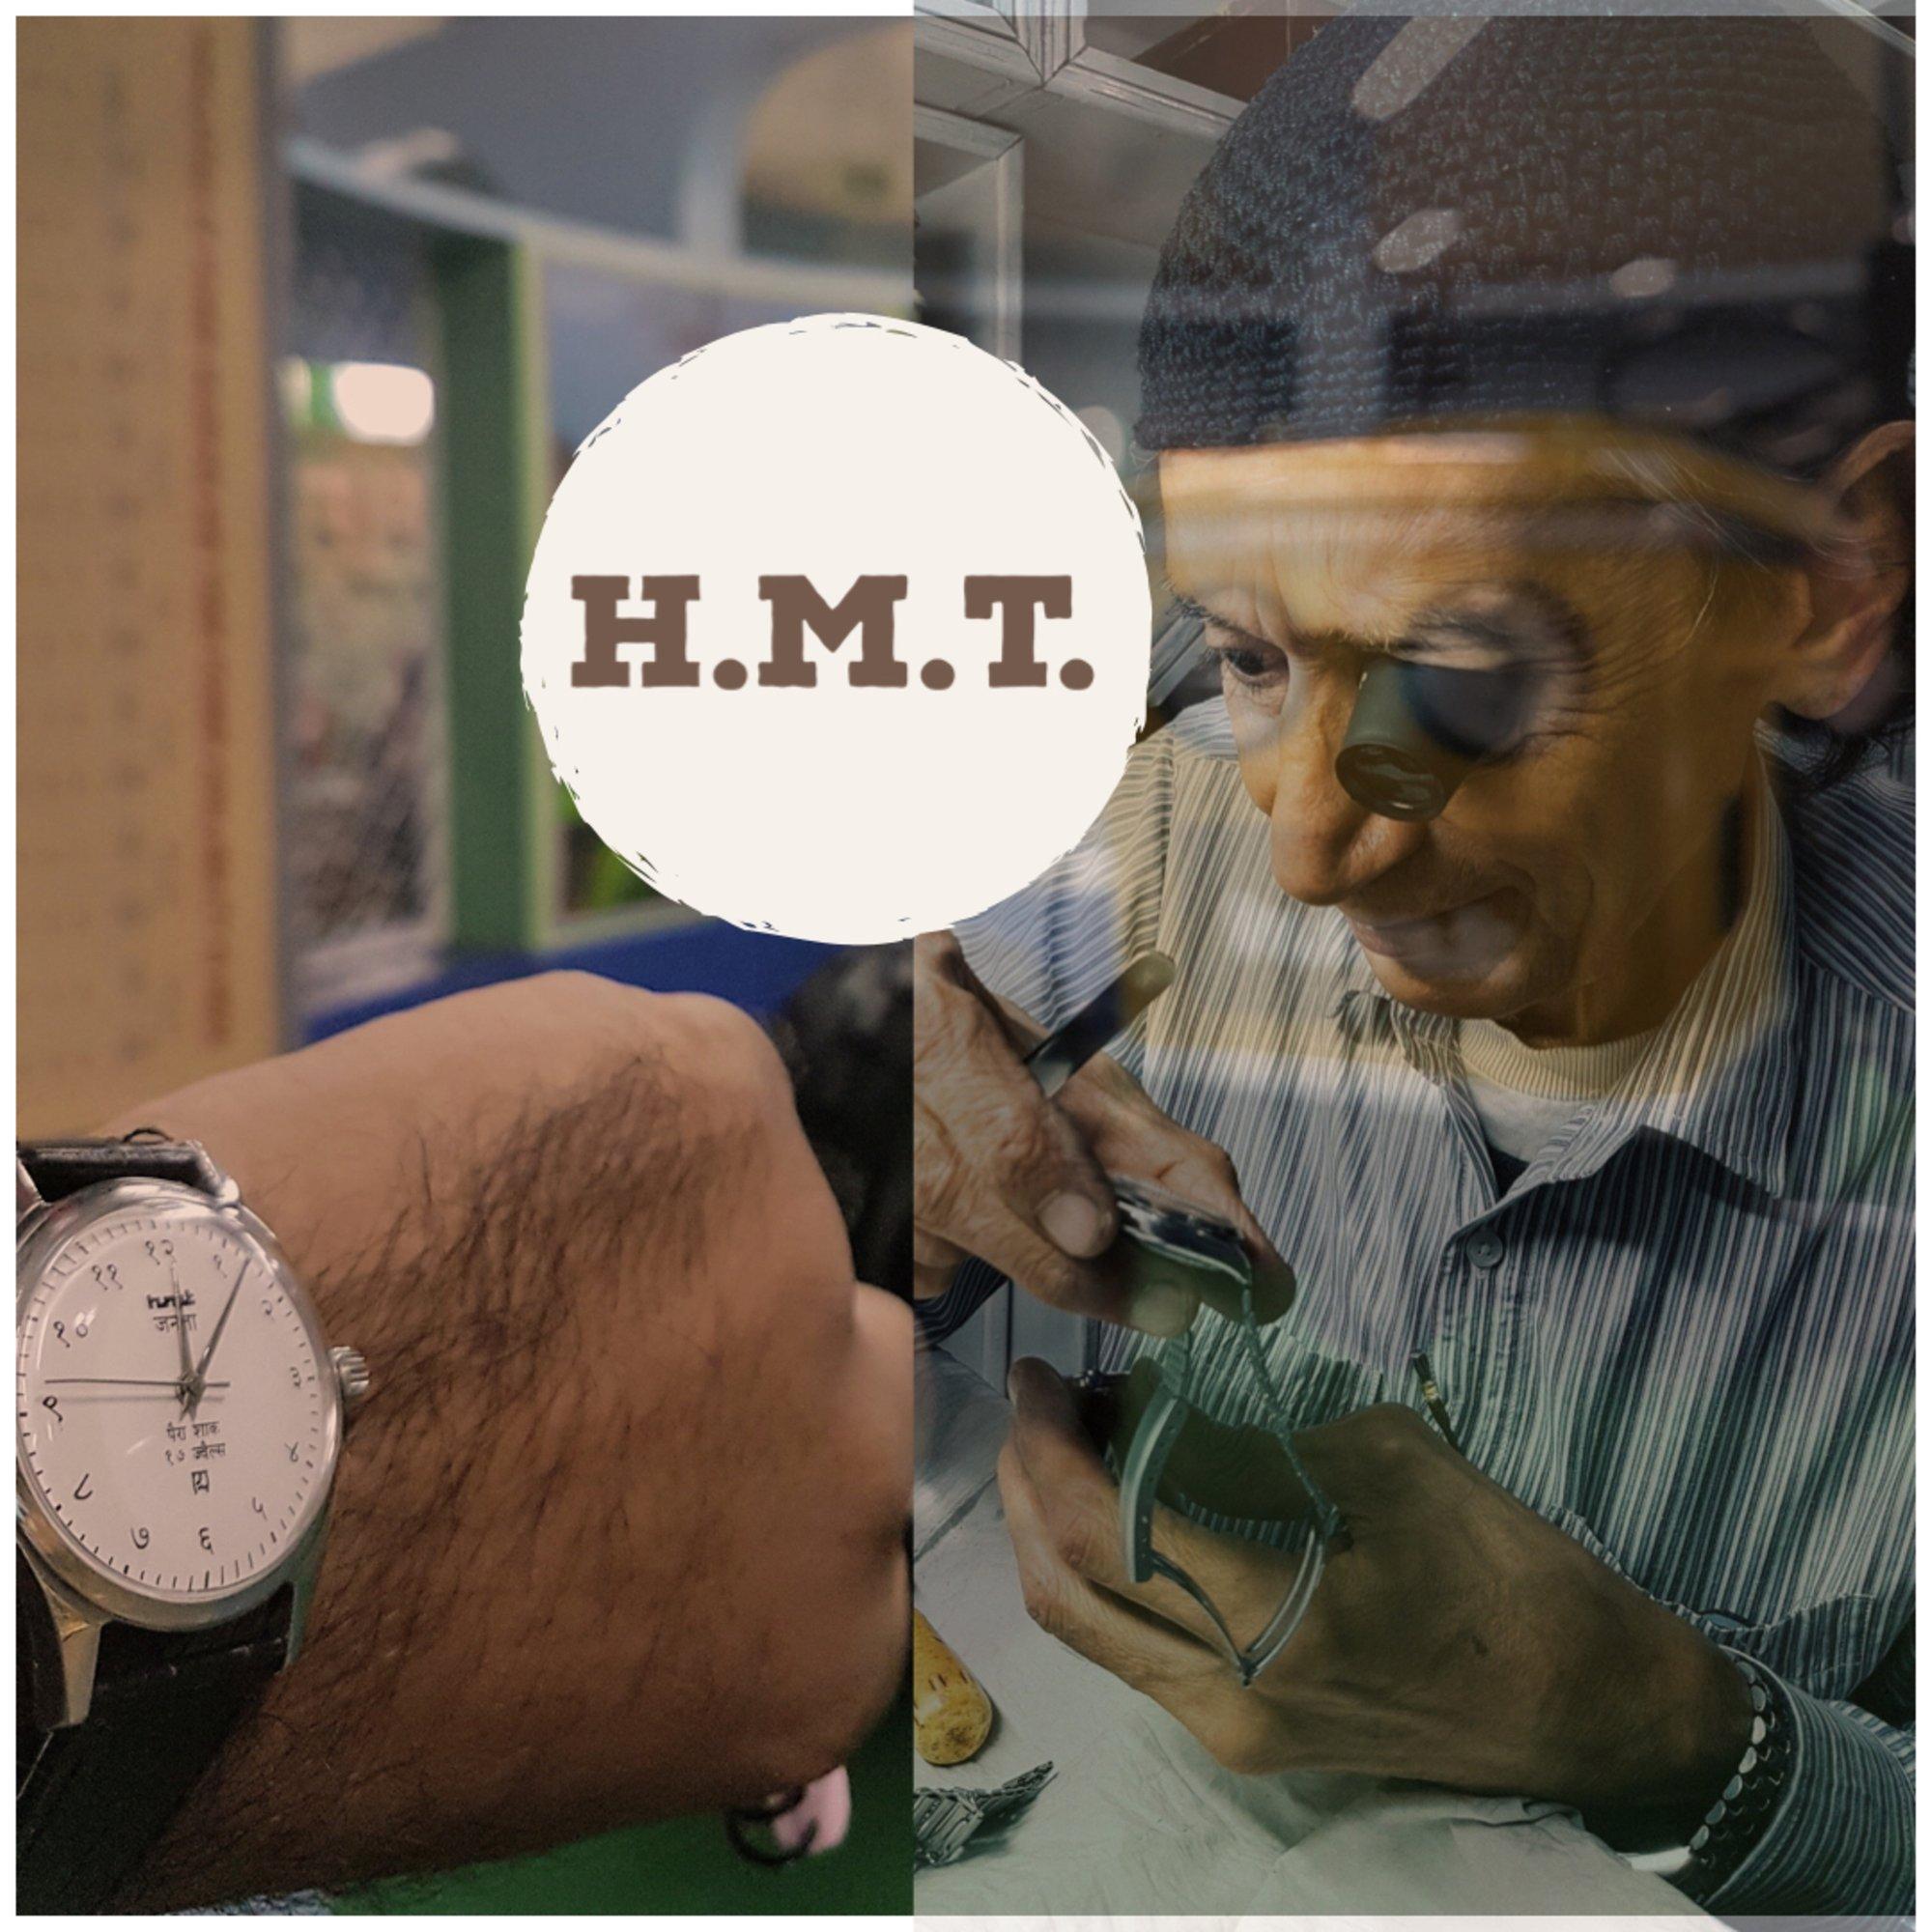 H.M.T.